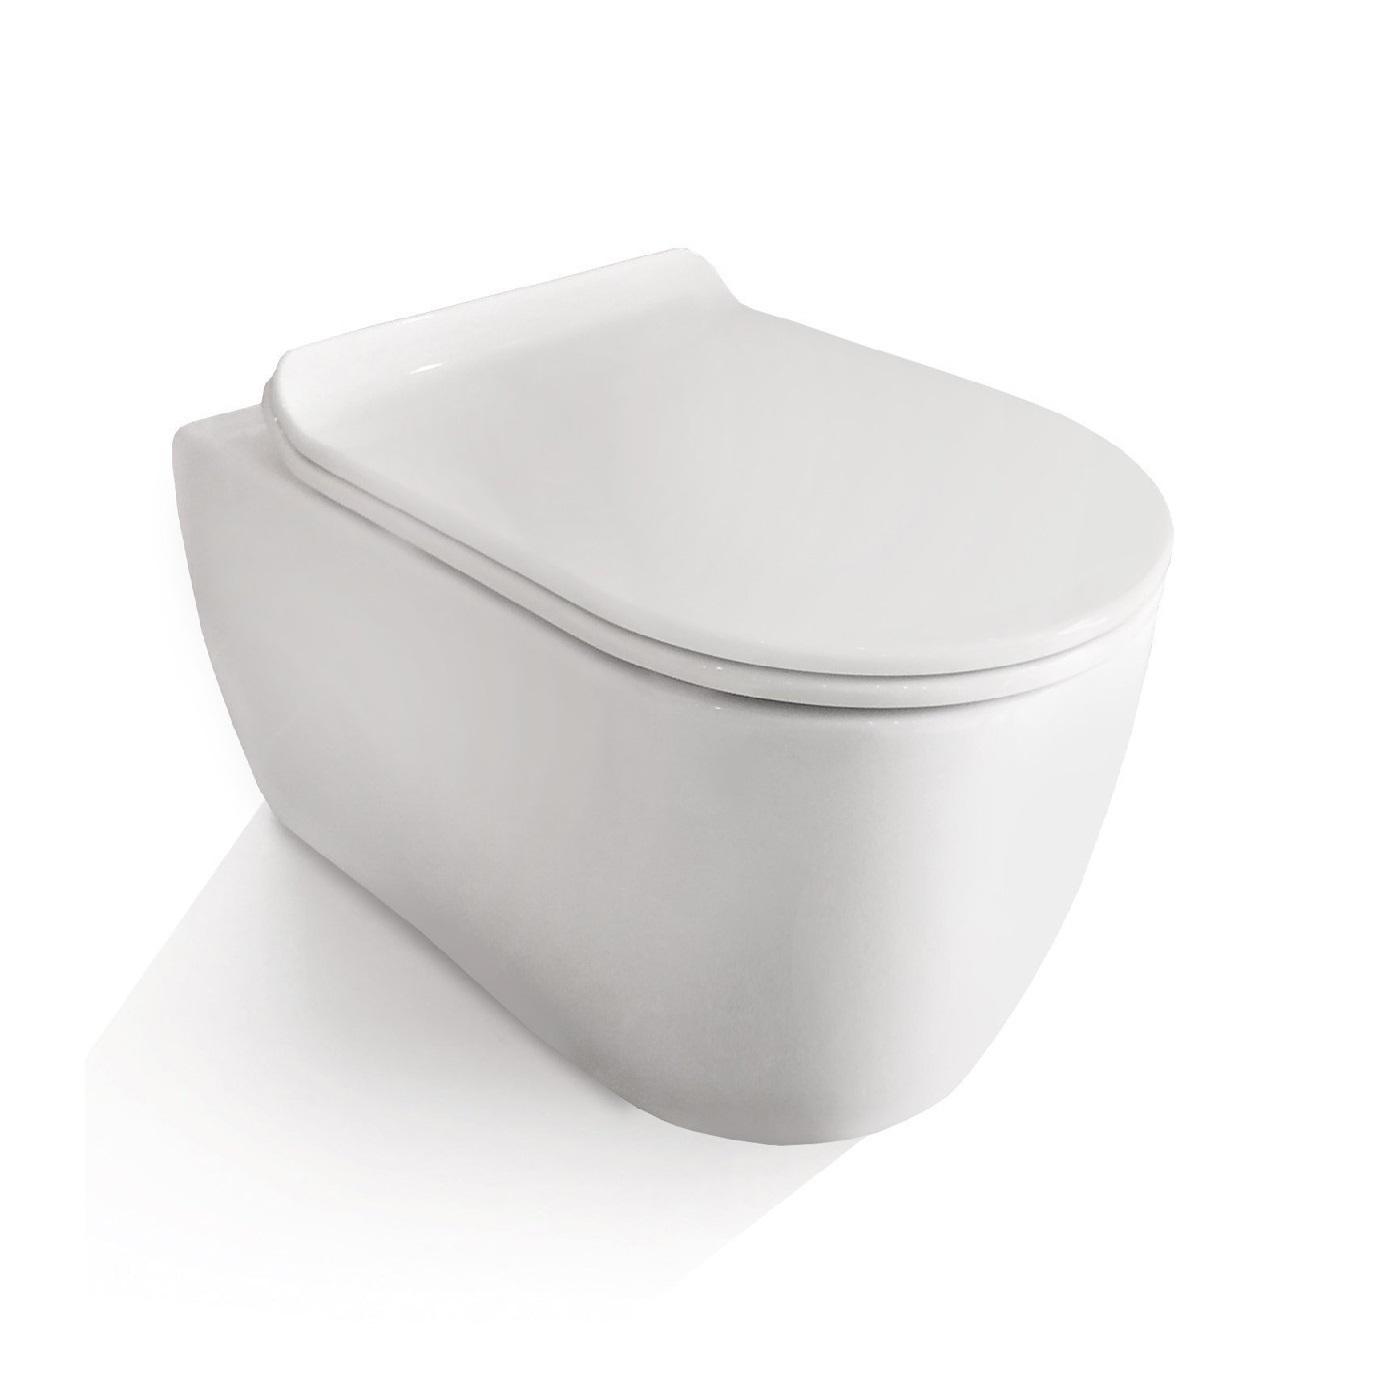 neg h nge wc uno11rk slimline randlos kurz h nge wcs wcs bad sanit r neutrends. Black Bedroom Furniture Sets. Home Design Ideas